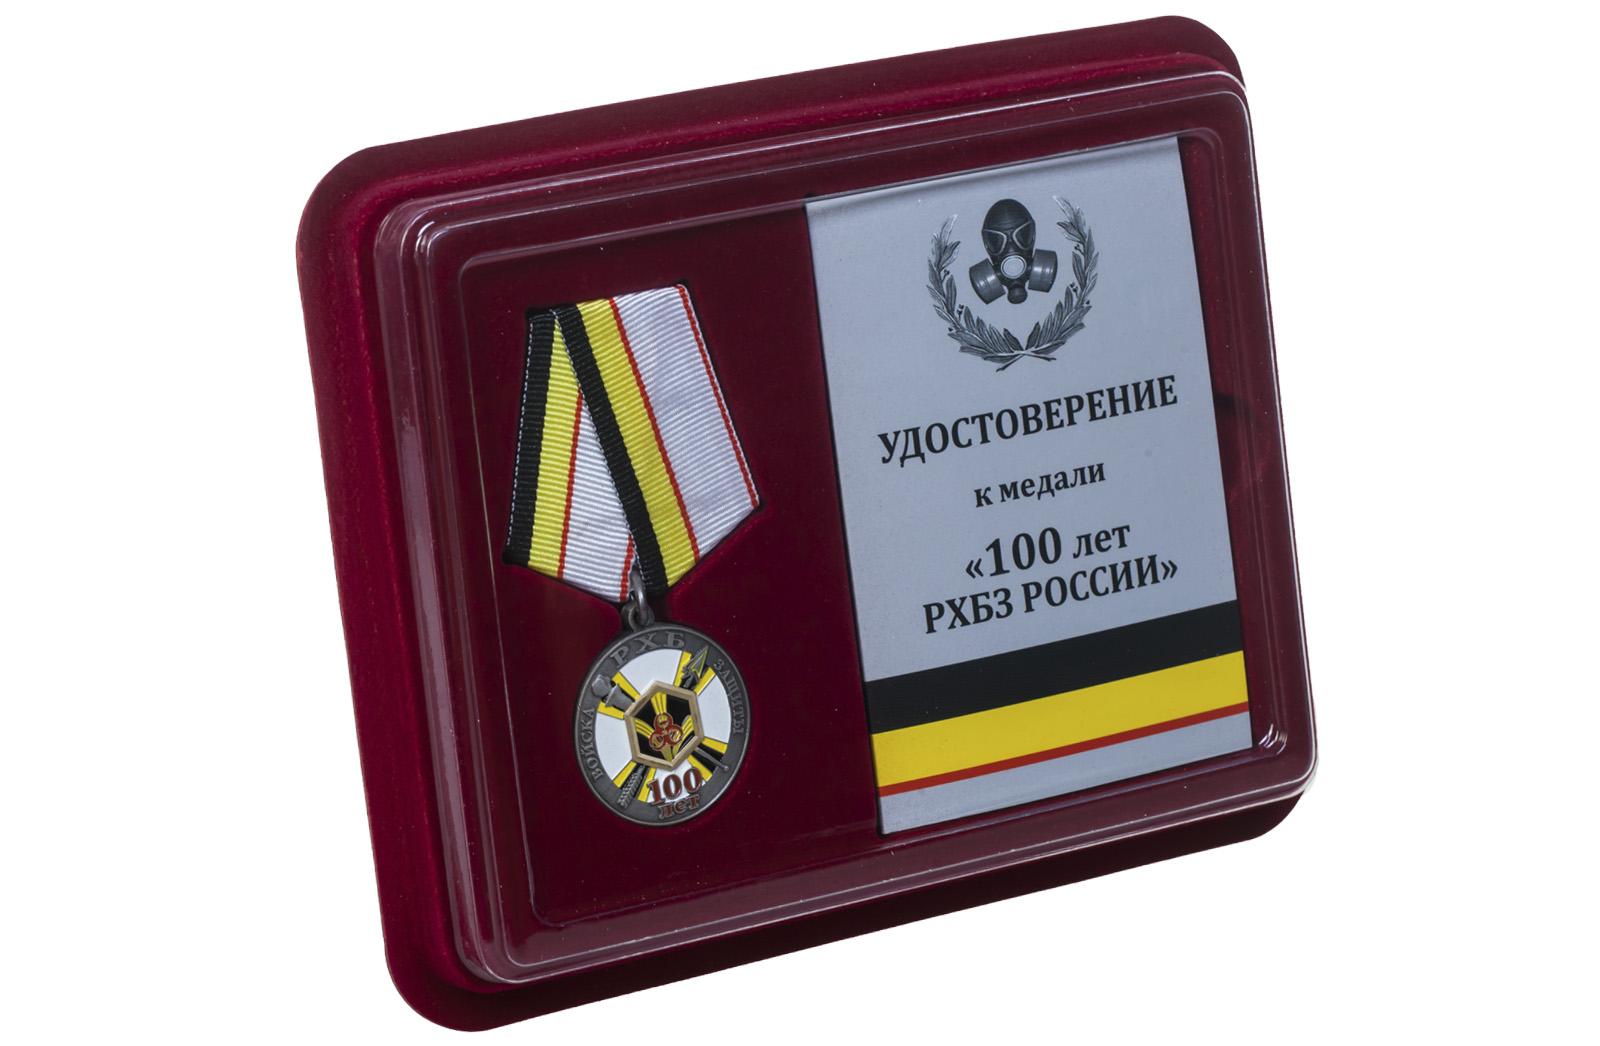 Купить памятную медаль 100 лет Войскам РХБ защиты в подарок